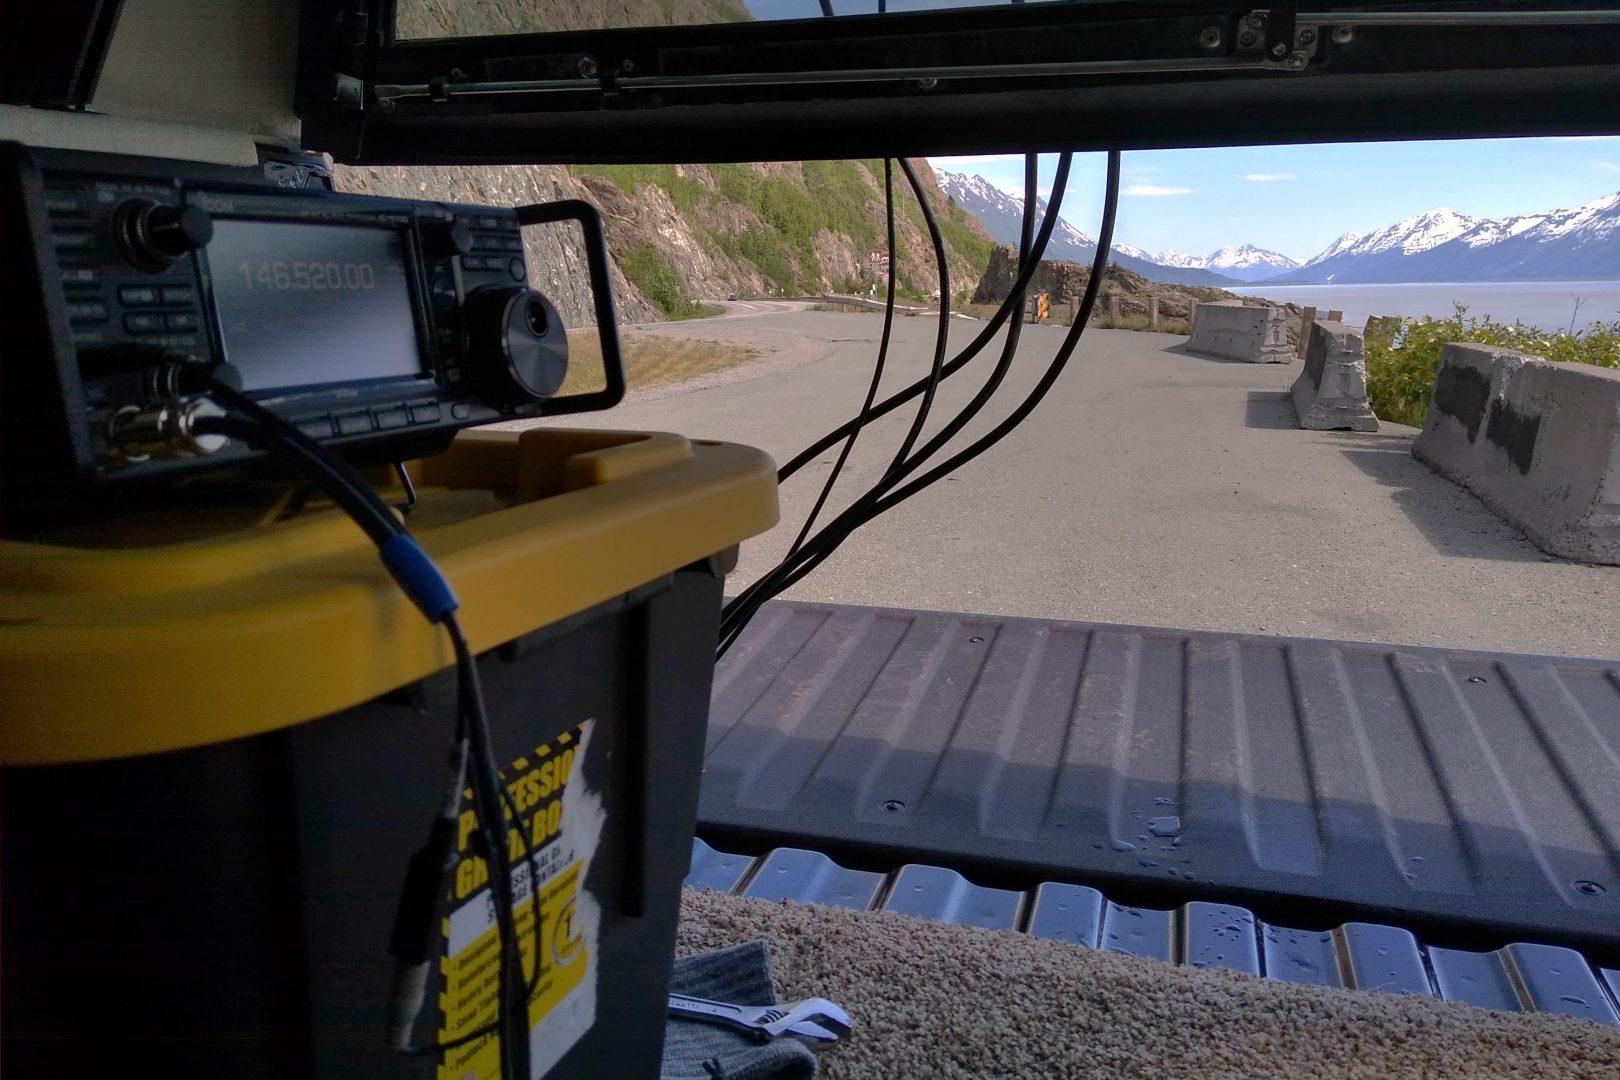 Operating VHF-UHF ham radio from Turnagain Arm